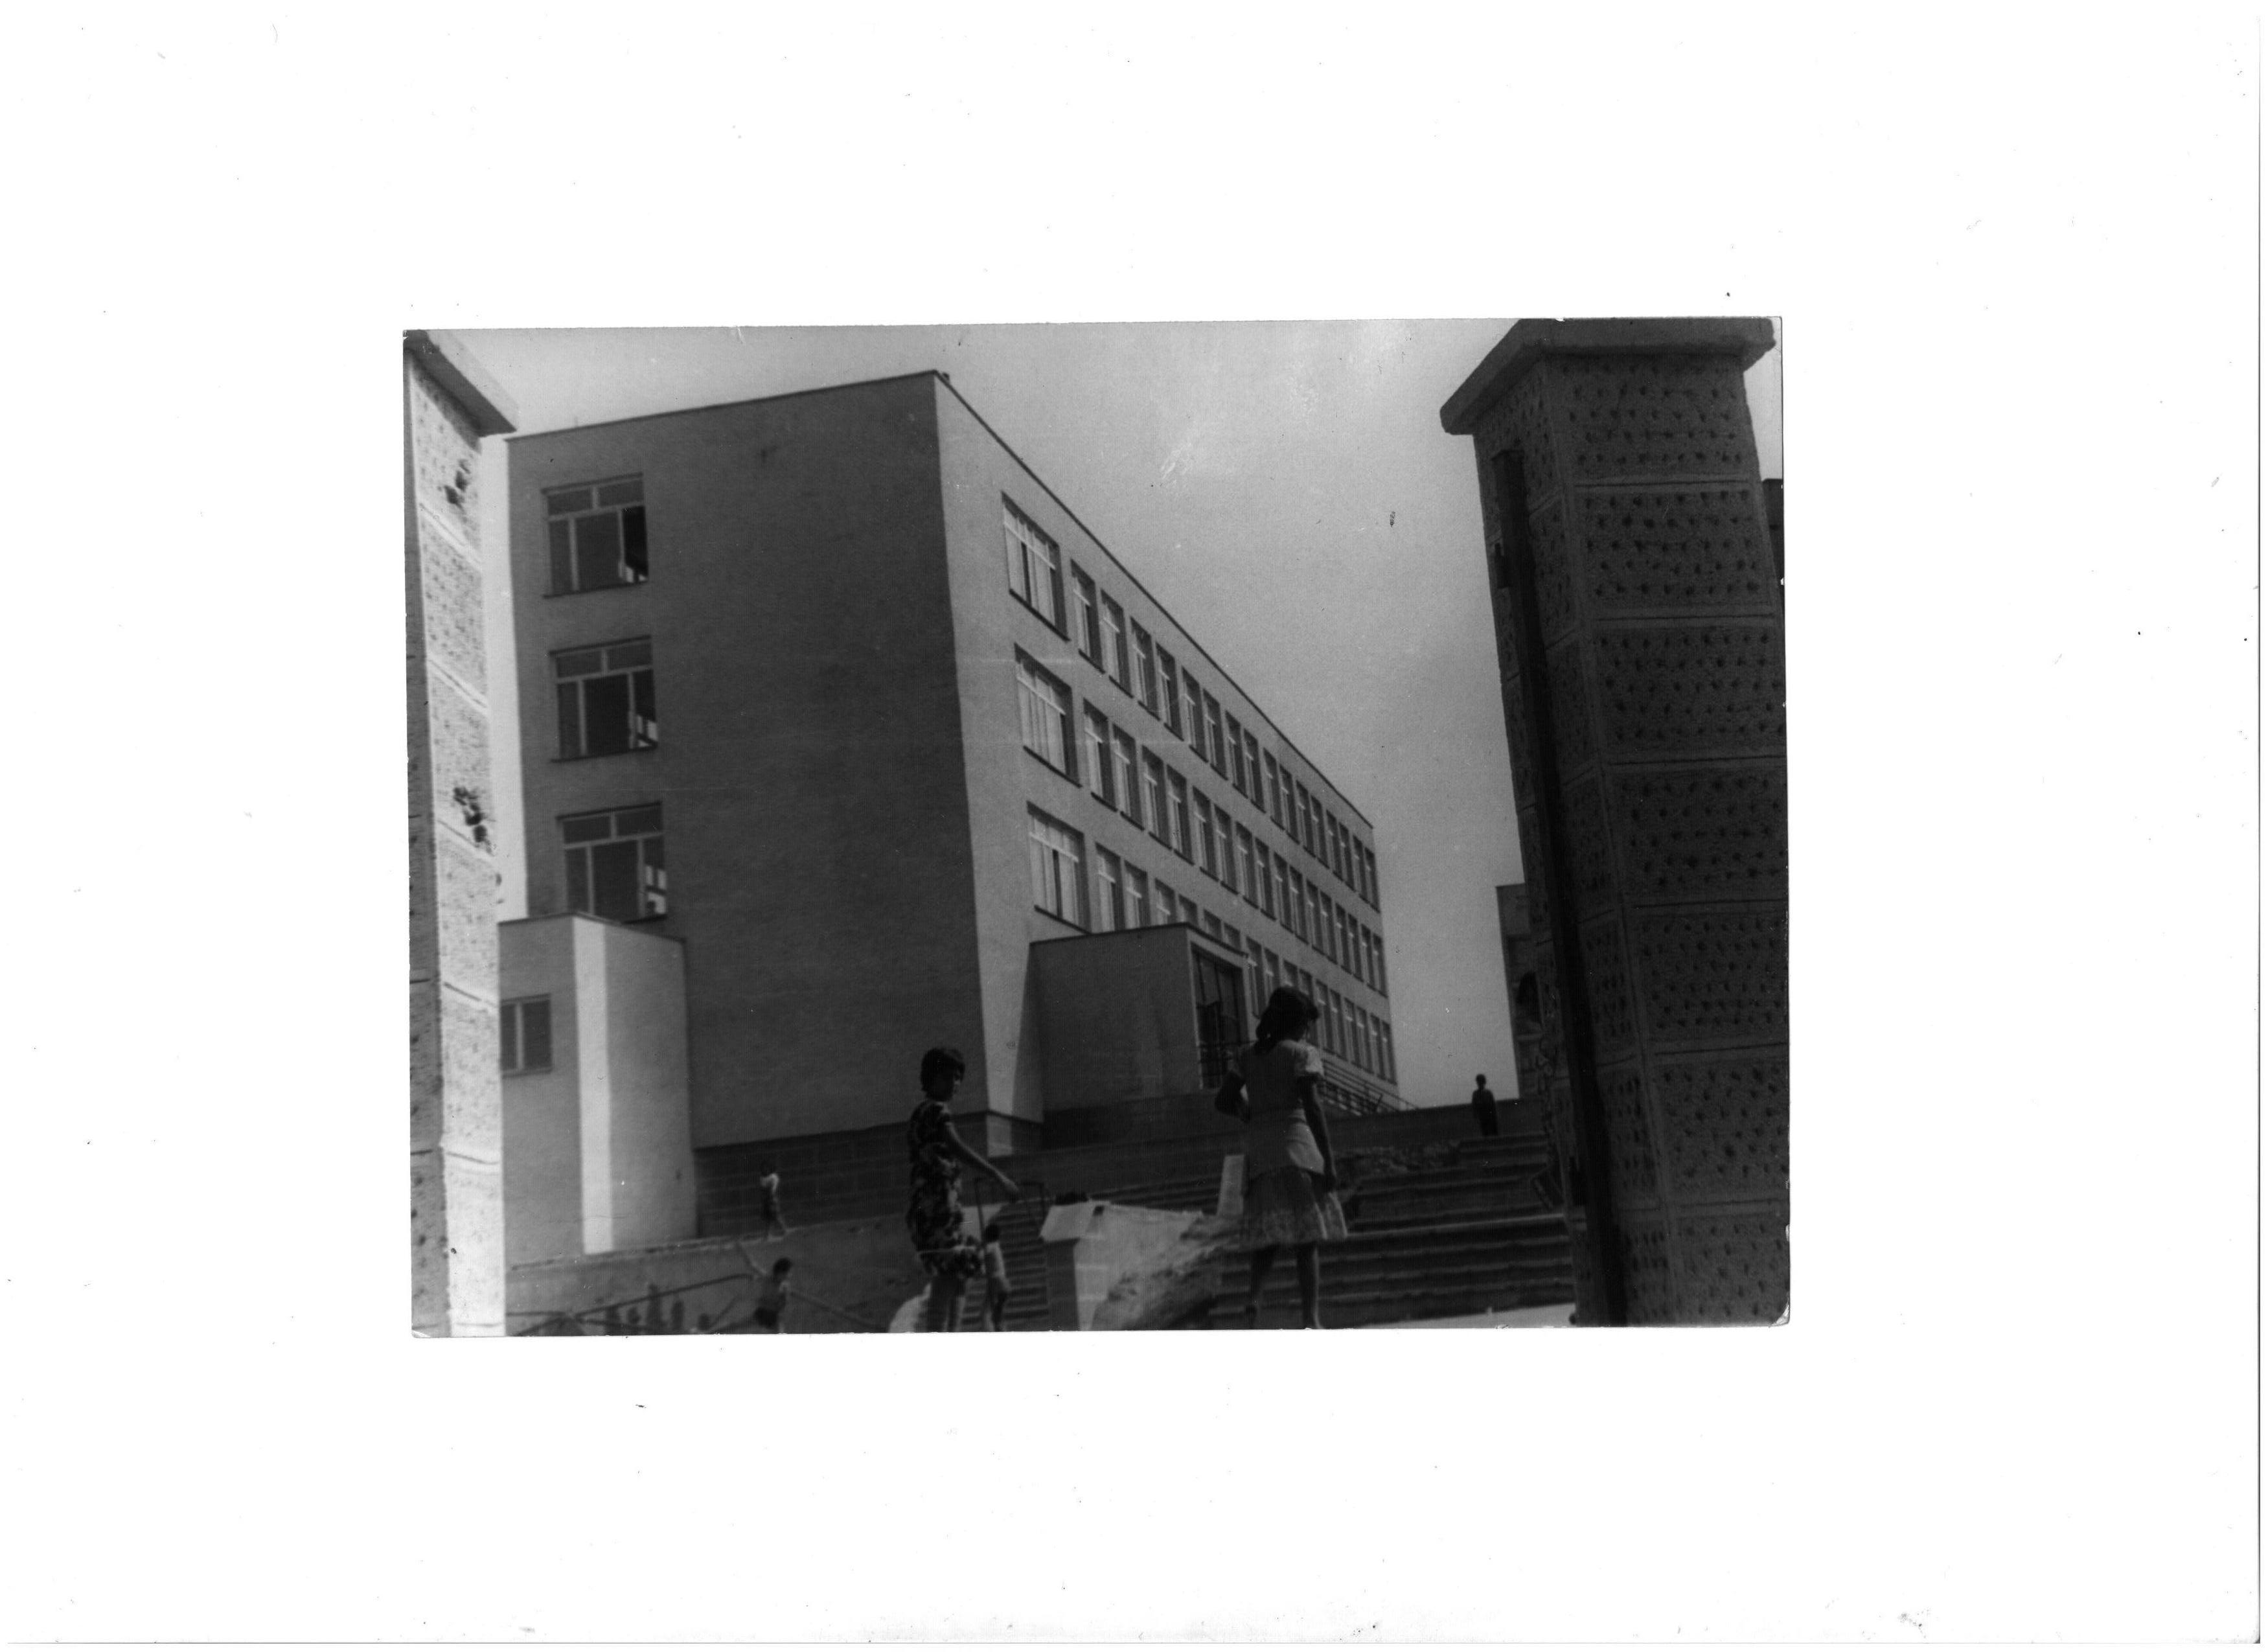 История - Училищната сграда през 1975/1976г.